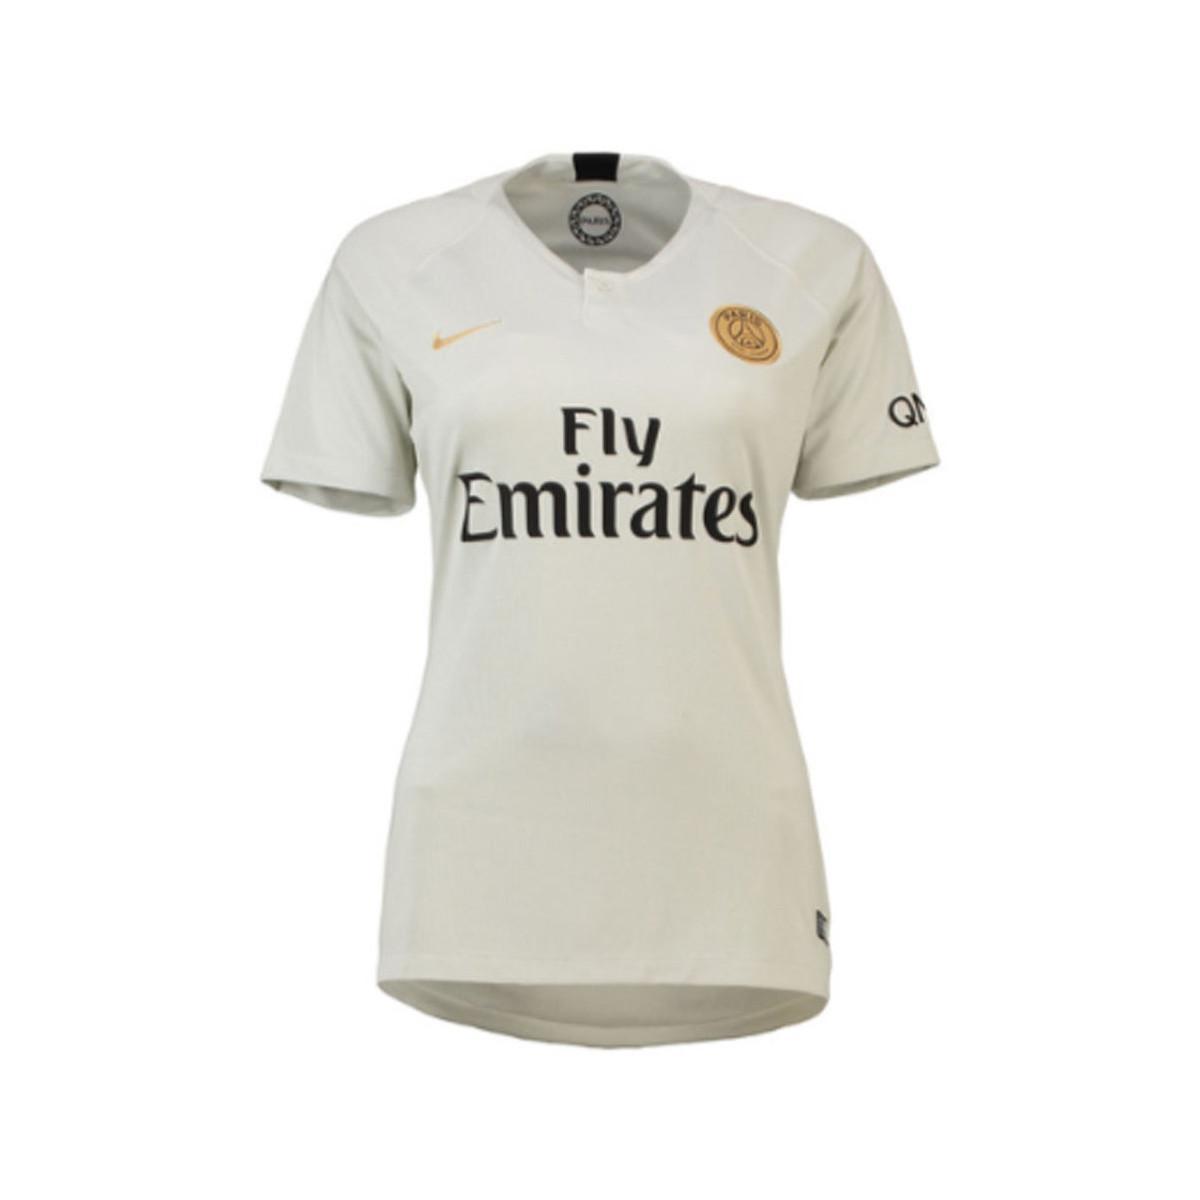 Nike 2018 2019 Psg Away Womens Football Shirt Women S T Shirt In 92eb64a79